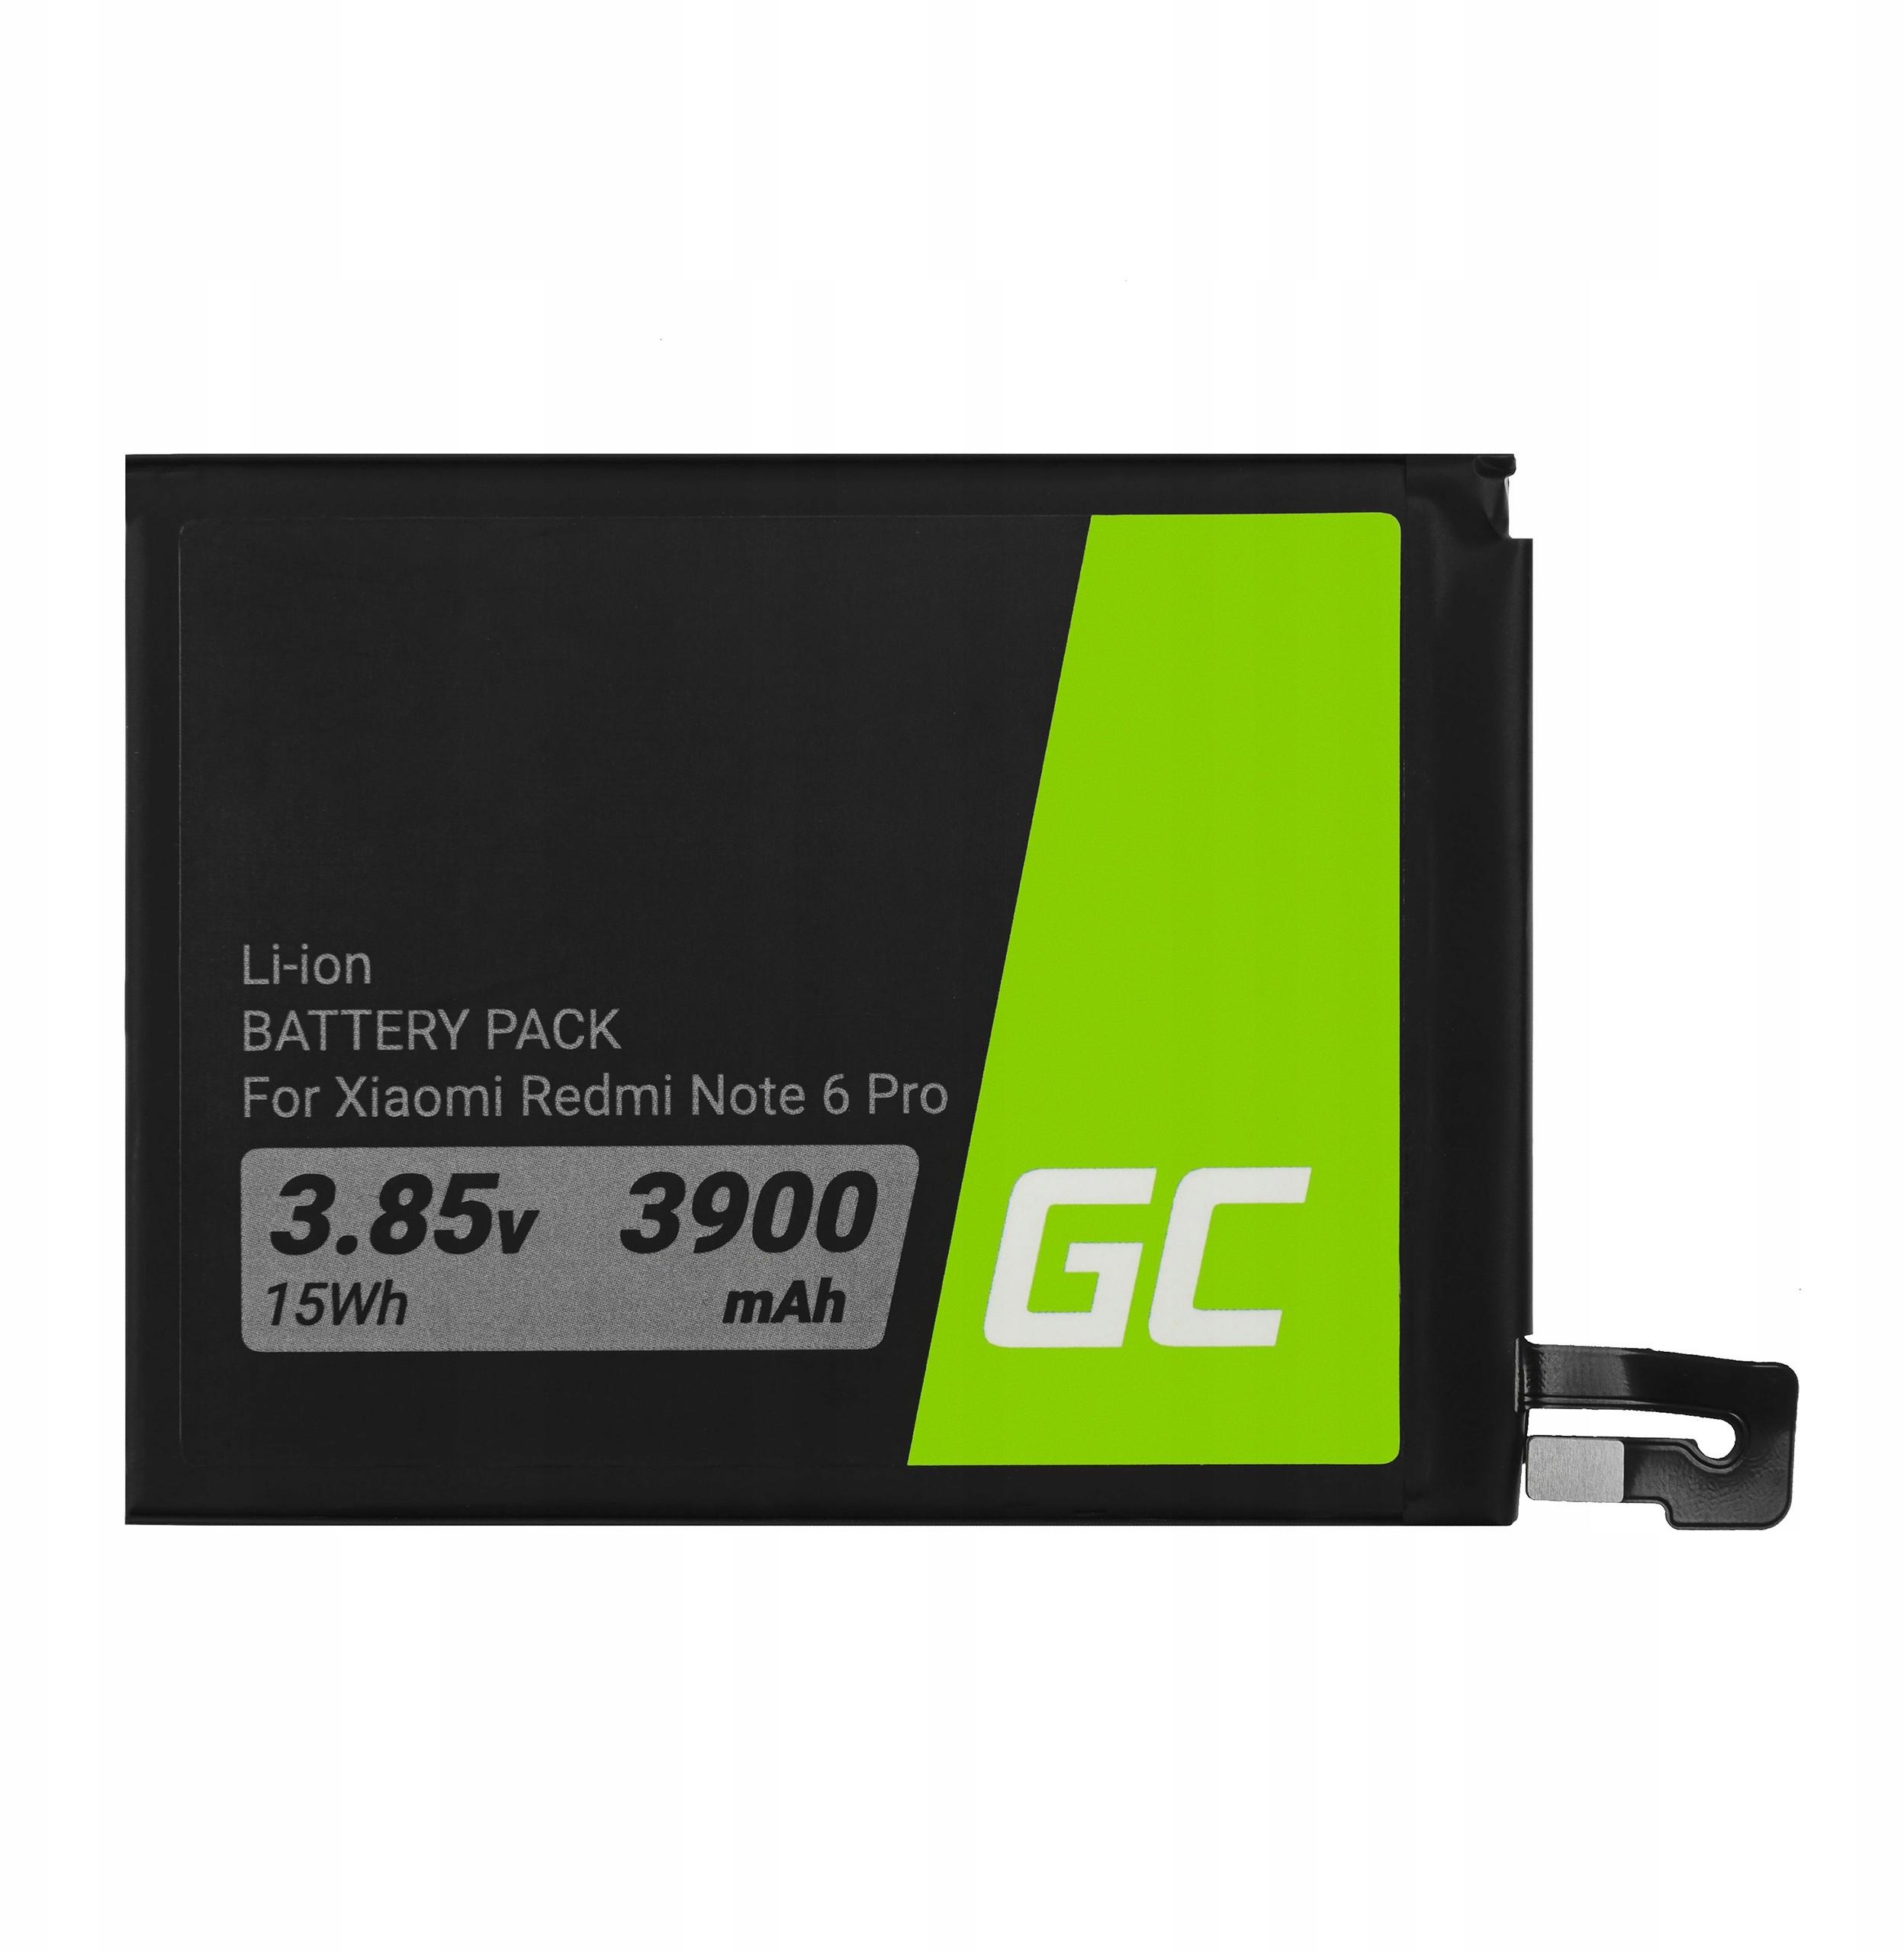 Xiaomi Bateria Gb/t 18287-2013 do Redmi Note 6 Pro